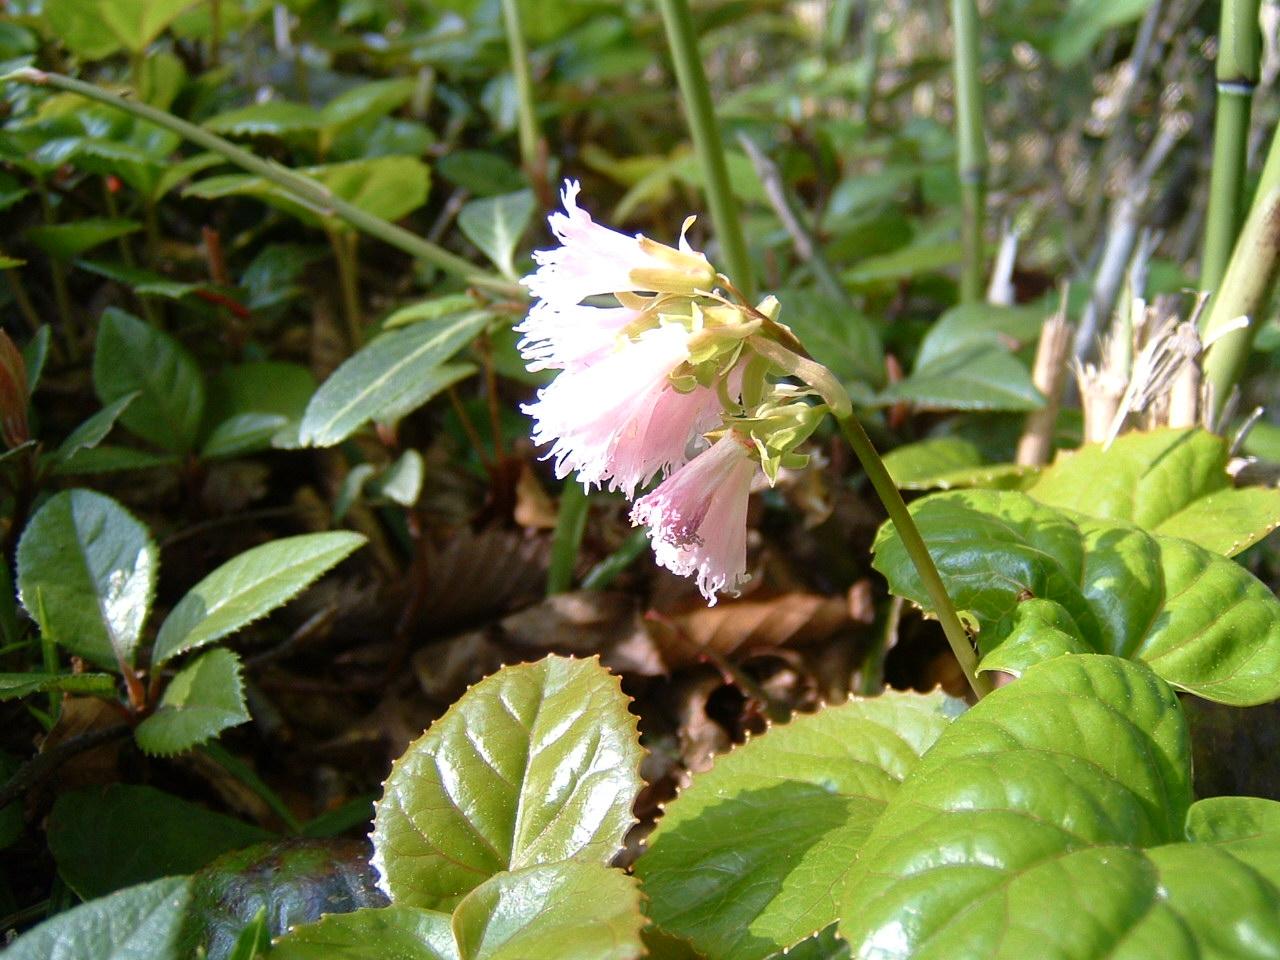 旅行先の植物   by (岡田)_c0239329_141071.jpg